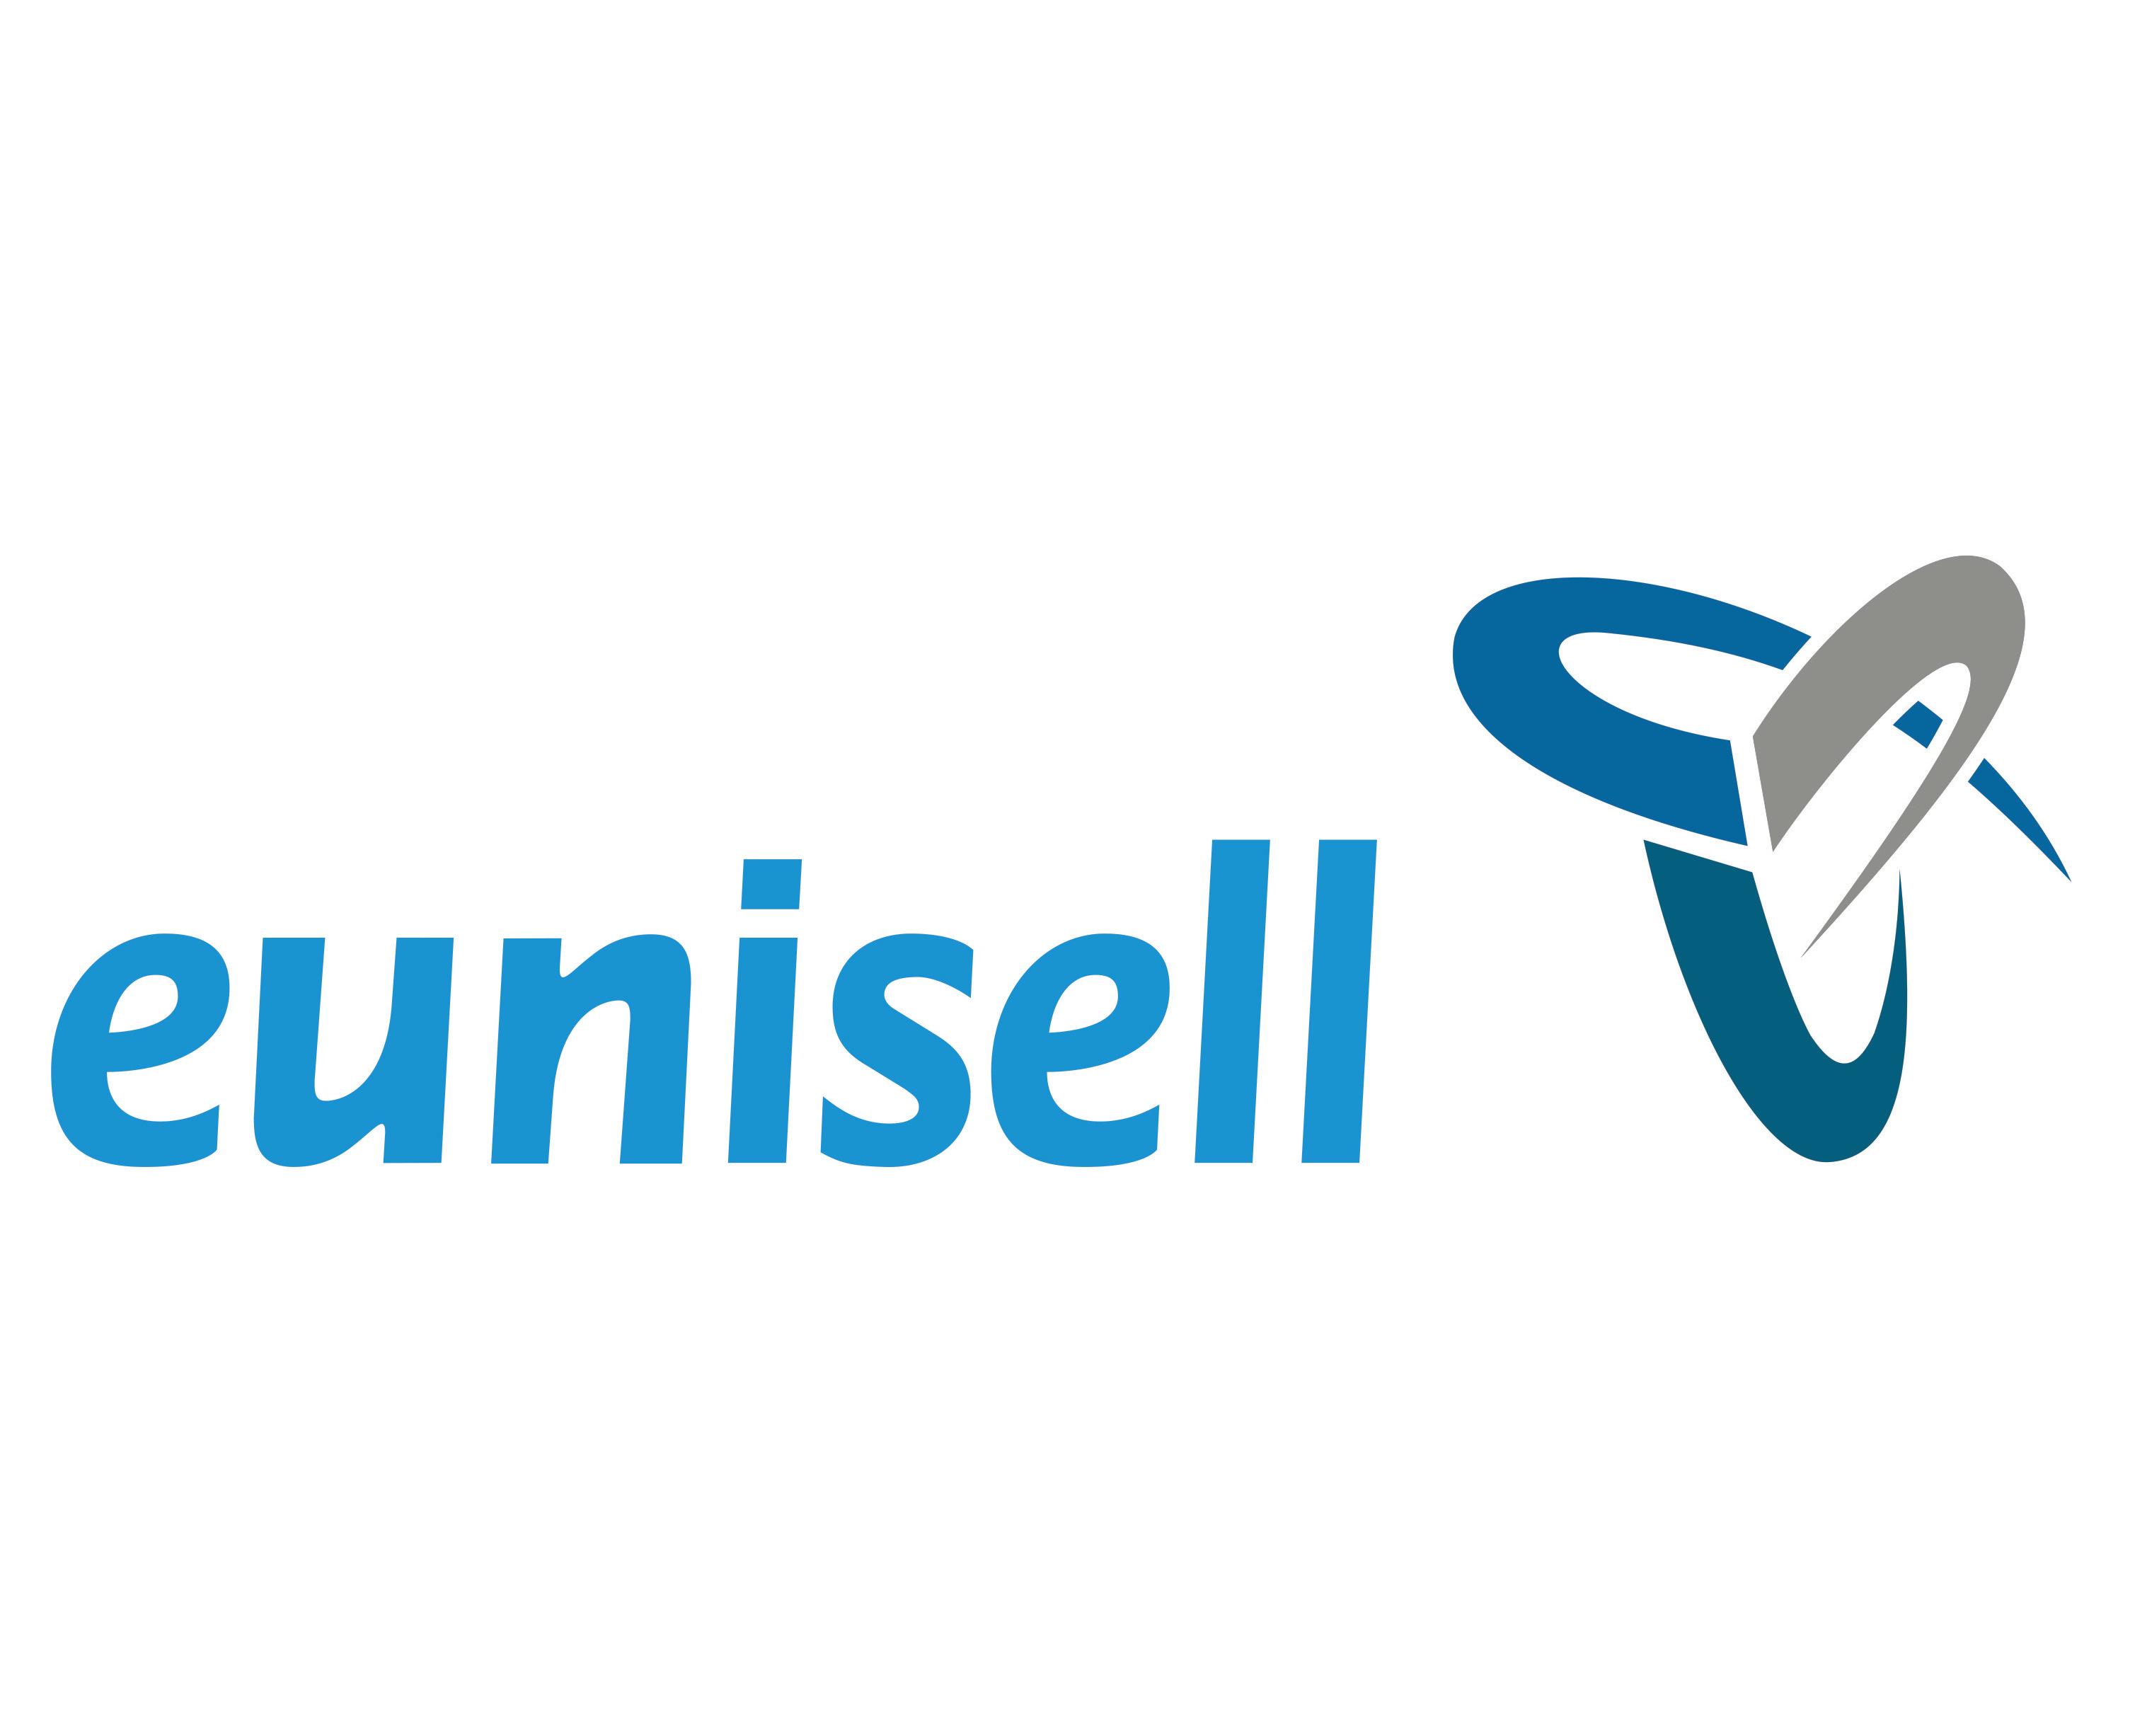 Eunisell Graduate Trainee Program 2017